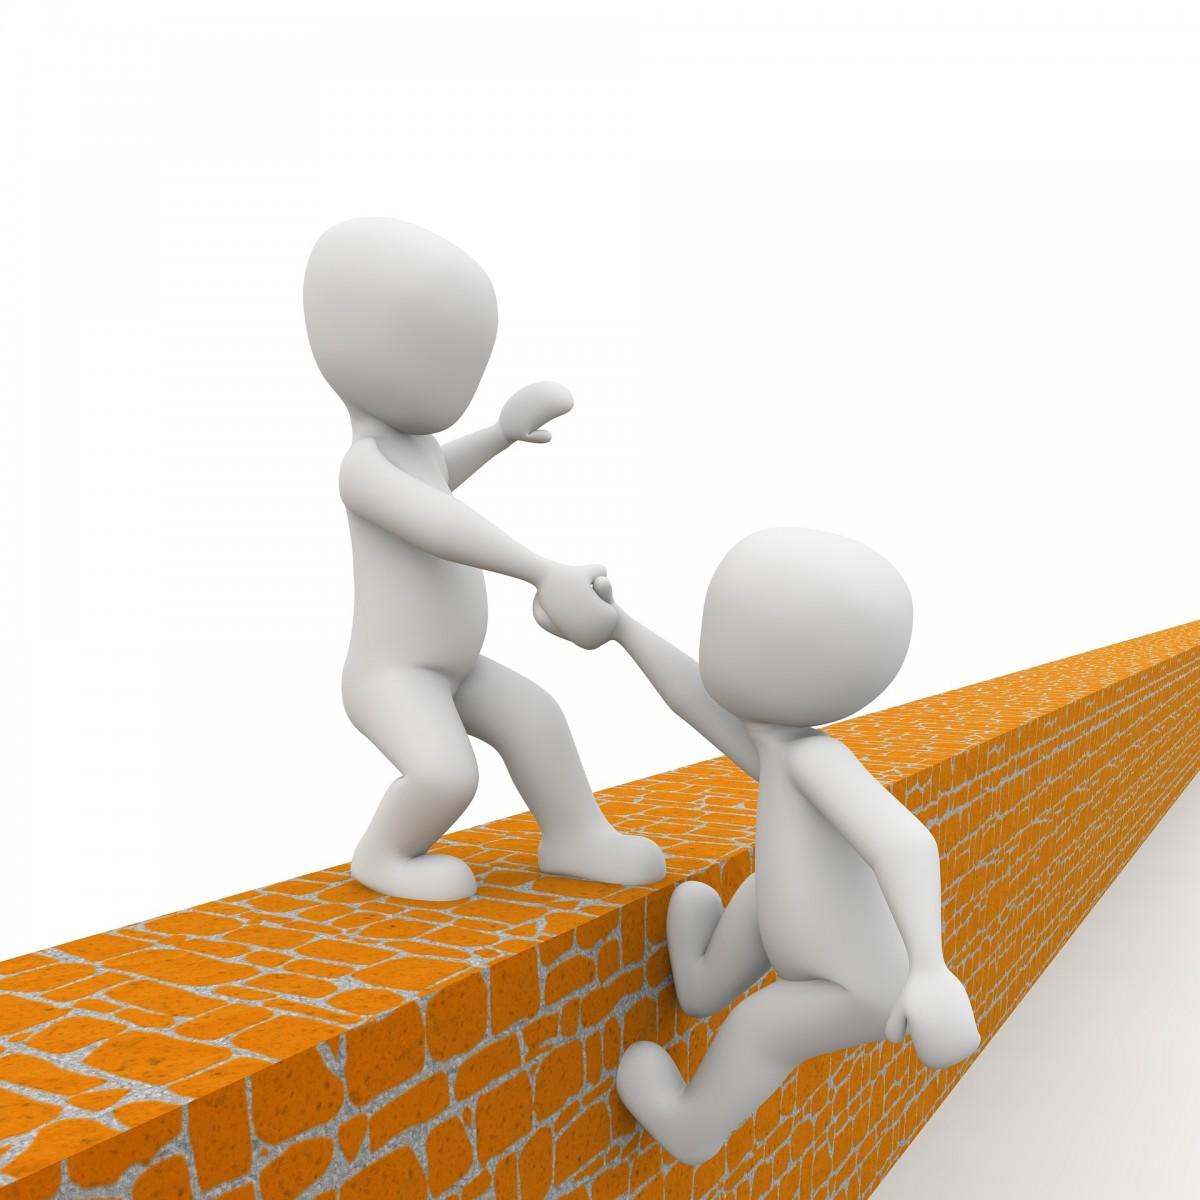 Hay que respetar las propias necesidades. El compromiso llevado al extremo puede suponer querer abarcar mucho más de lo que podemos y llegar a ser una fuente de malestar, estrés, ansiedad...